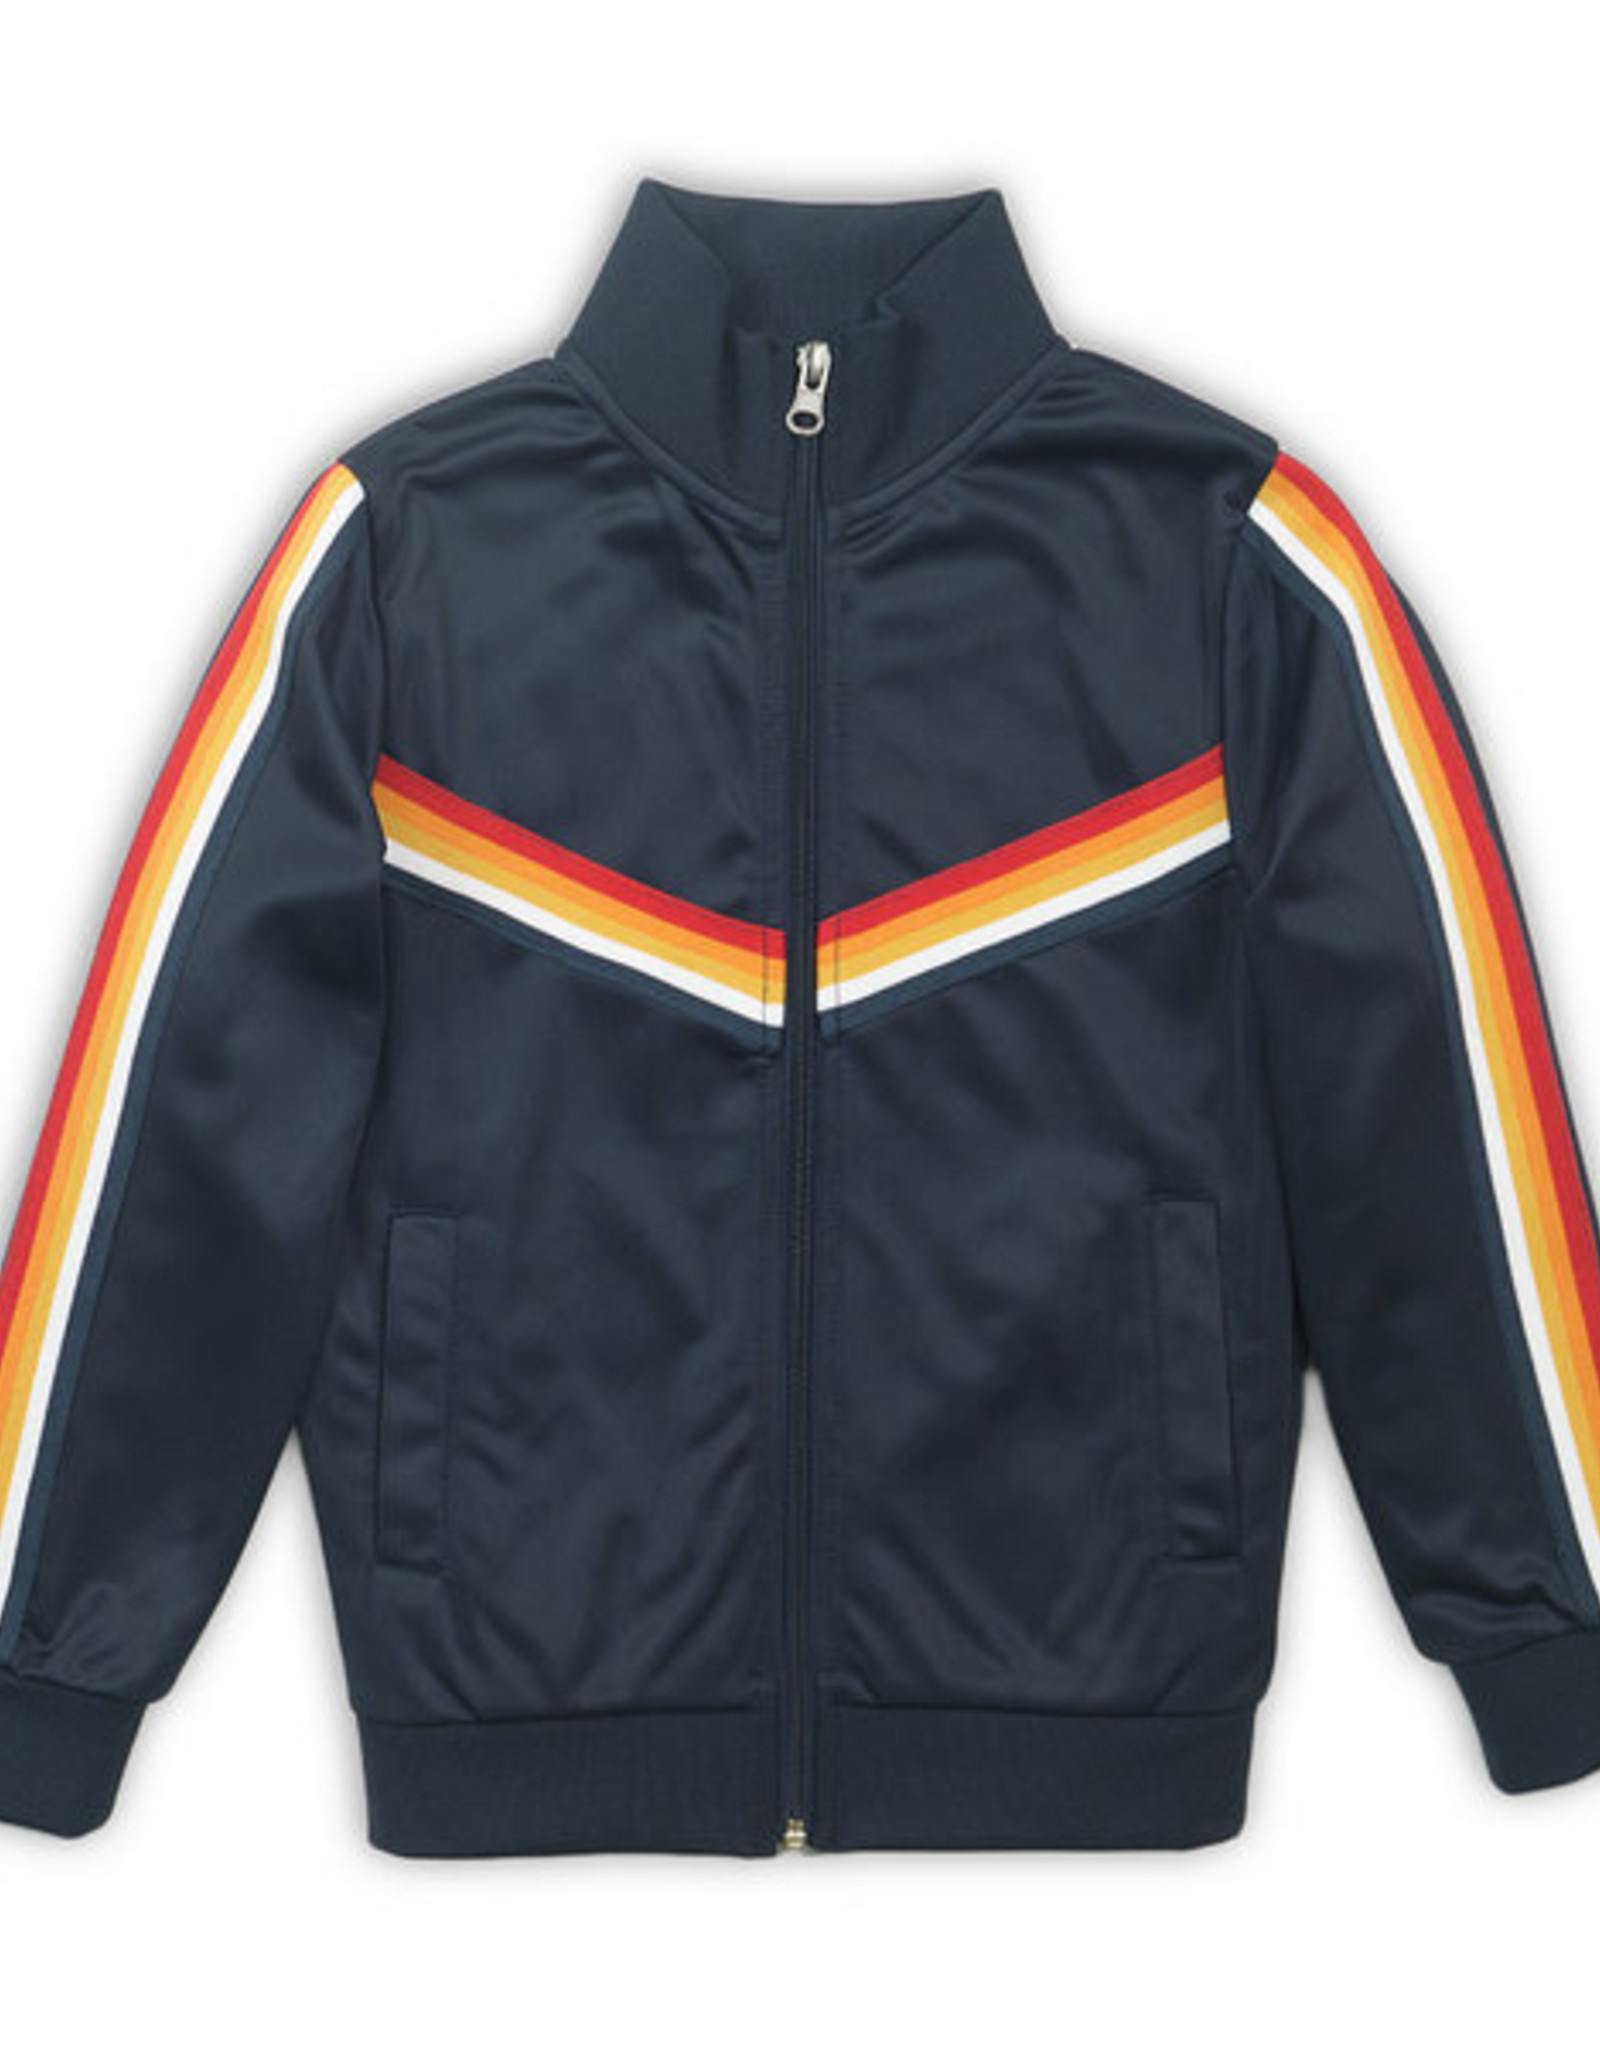 FA20 Full Zip Navy Track Jacket